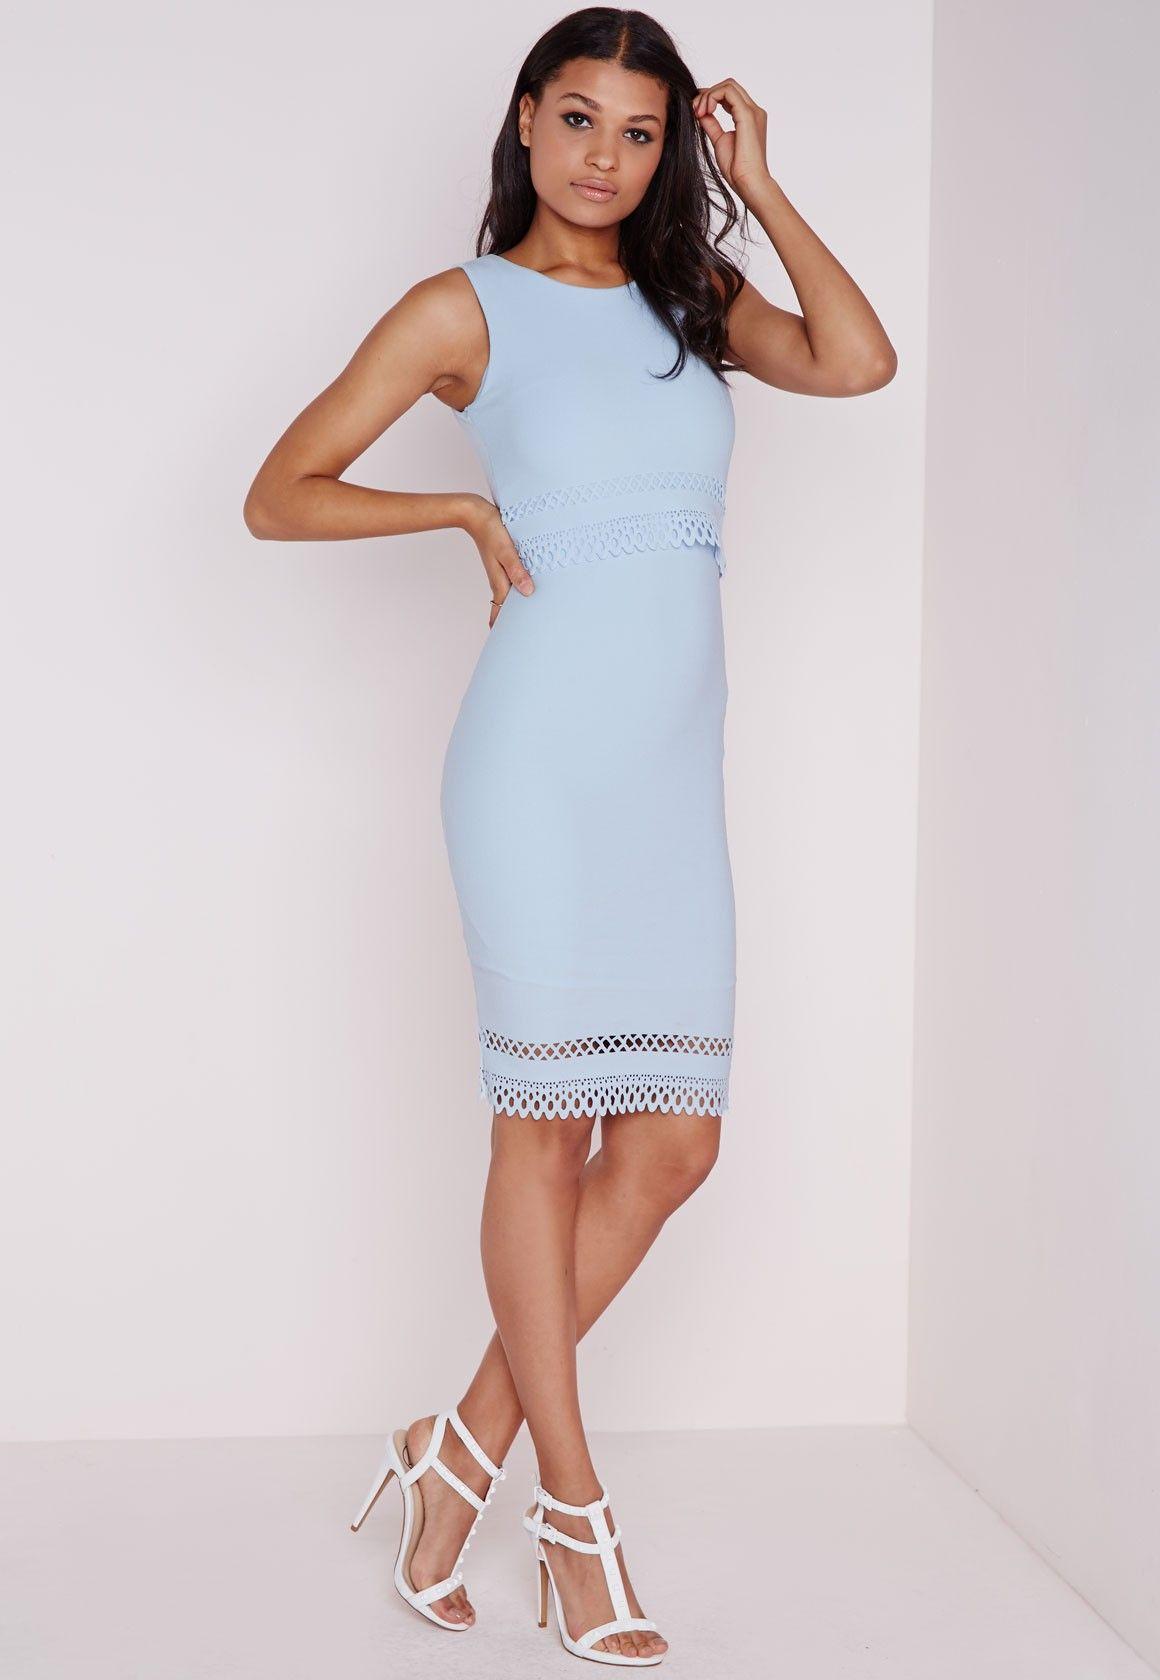 d95a71dd28 Laser Cut Midi Dress Powder Blue - Dresses - Midi Dresses - Missguided |  Ireland